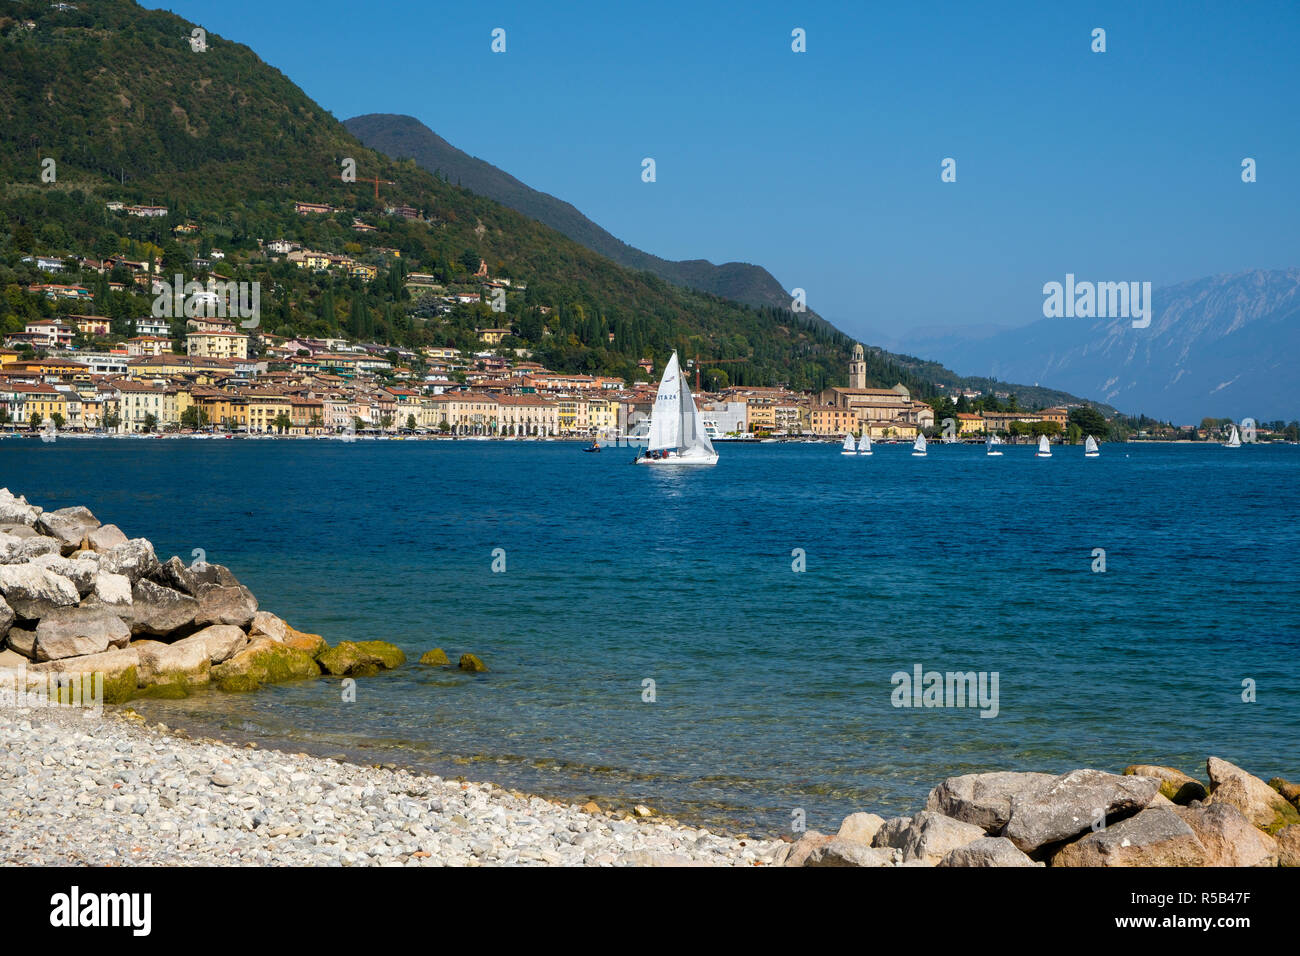 Salò, Lac de Garde, Province de Brescia, Lombardie, Italie Banque D'Images